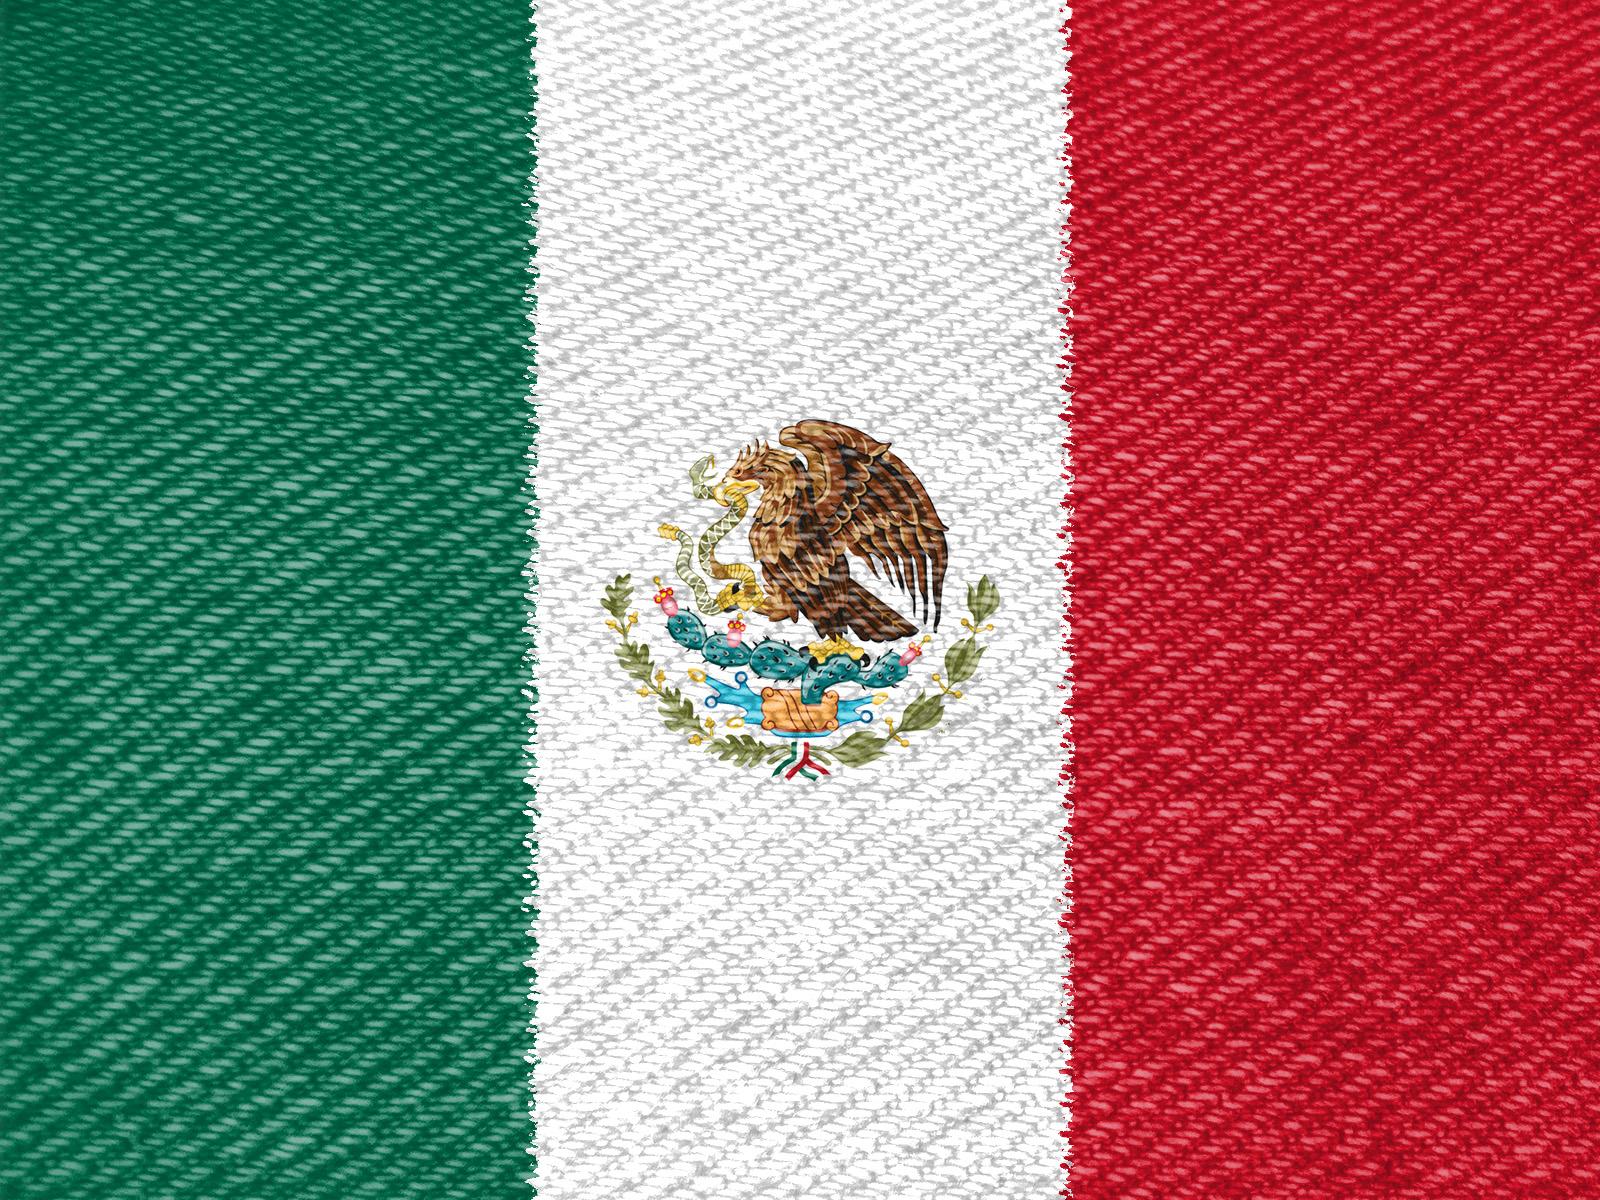 Niedlich Mexiko Flagge Symbol Malvorlagen Fotos - Druckbare ...